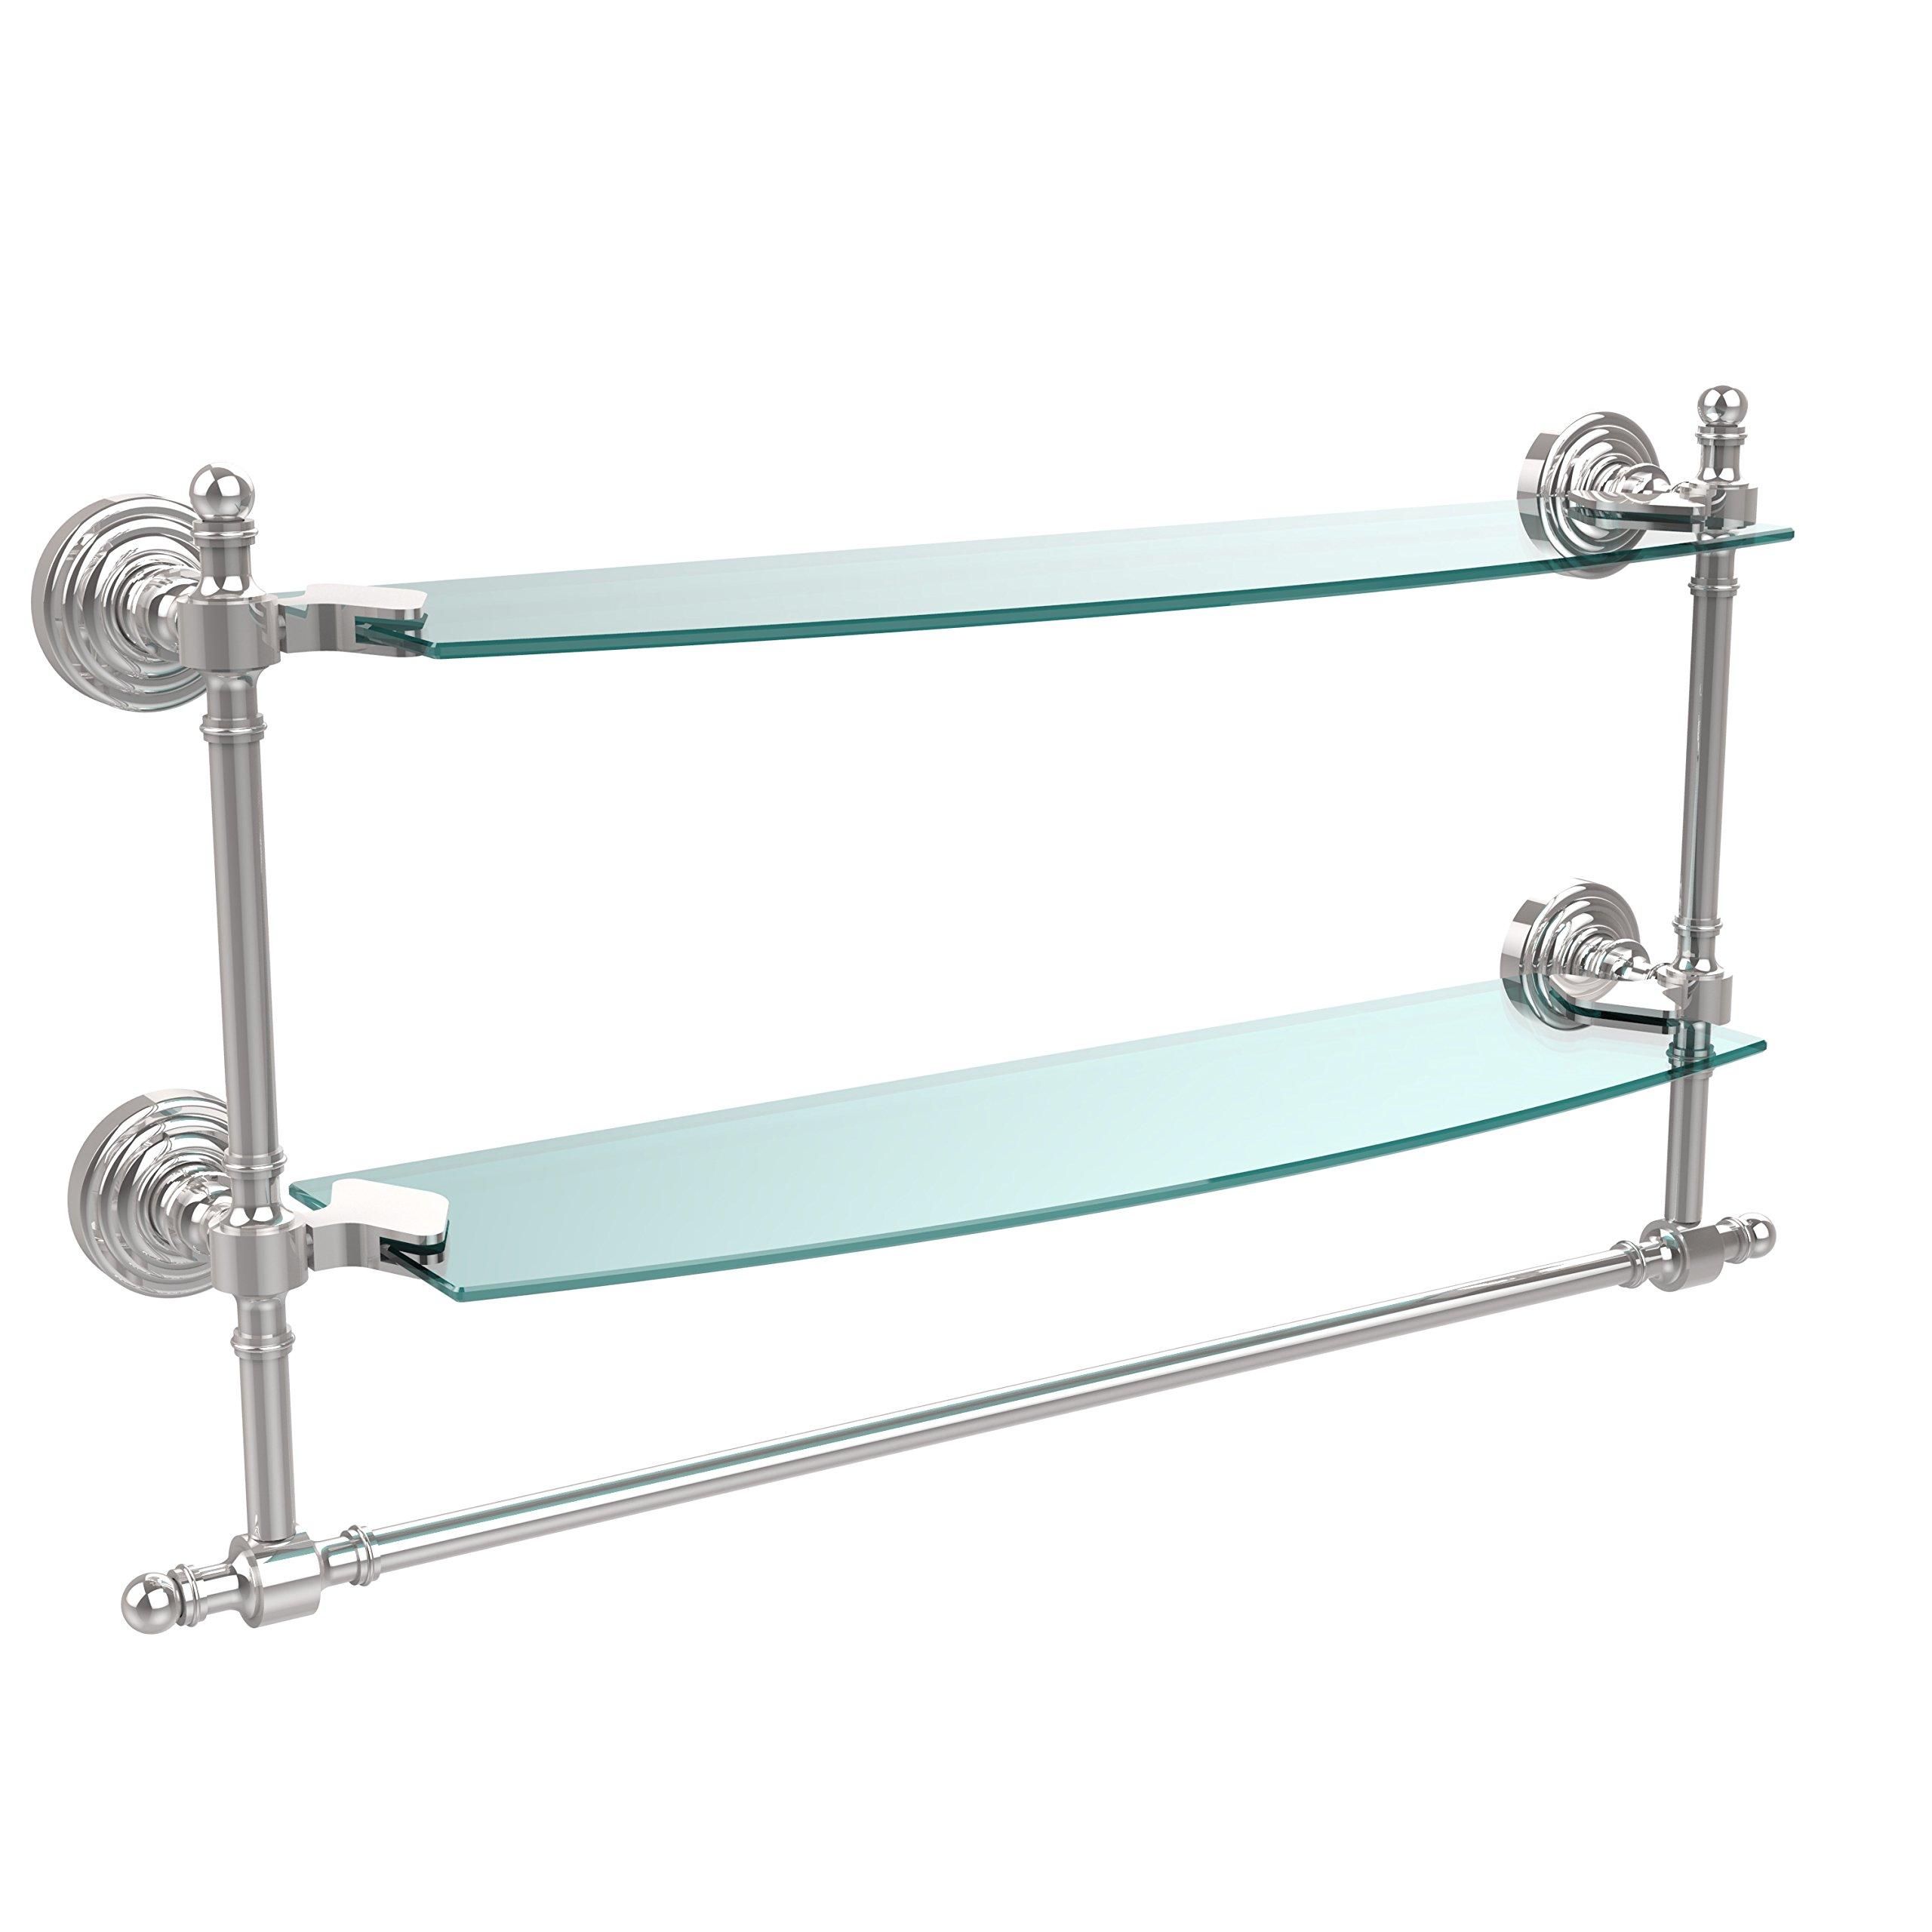 Allied Brass Double Shelf w/Towel Bar Polished Chrome